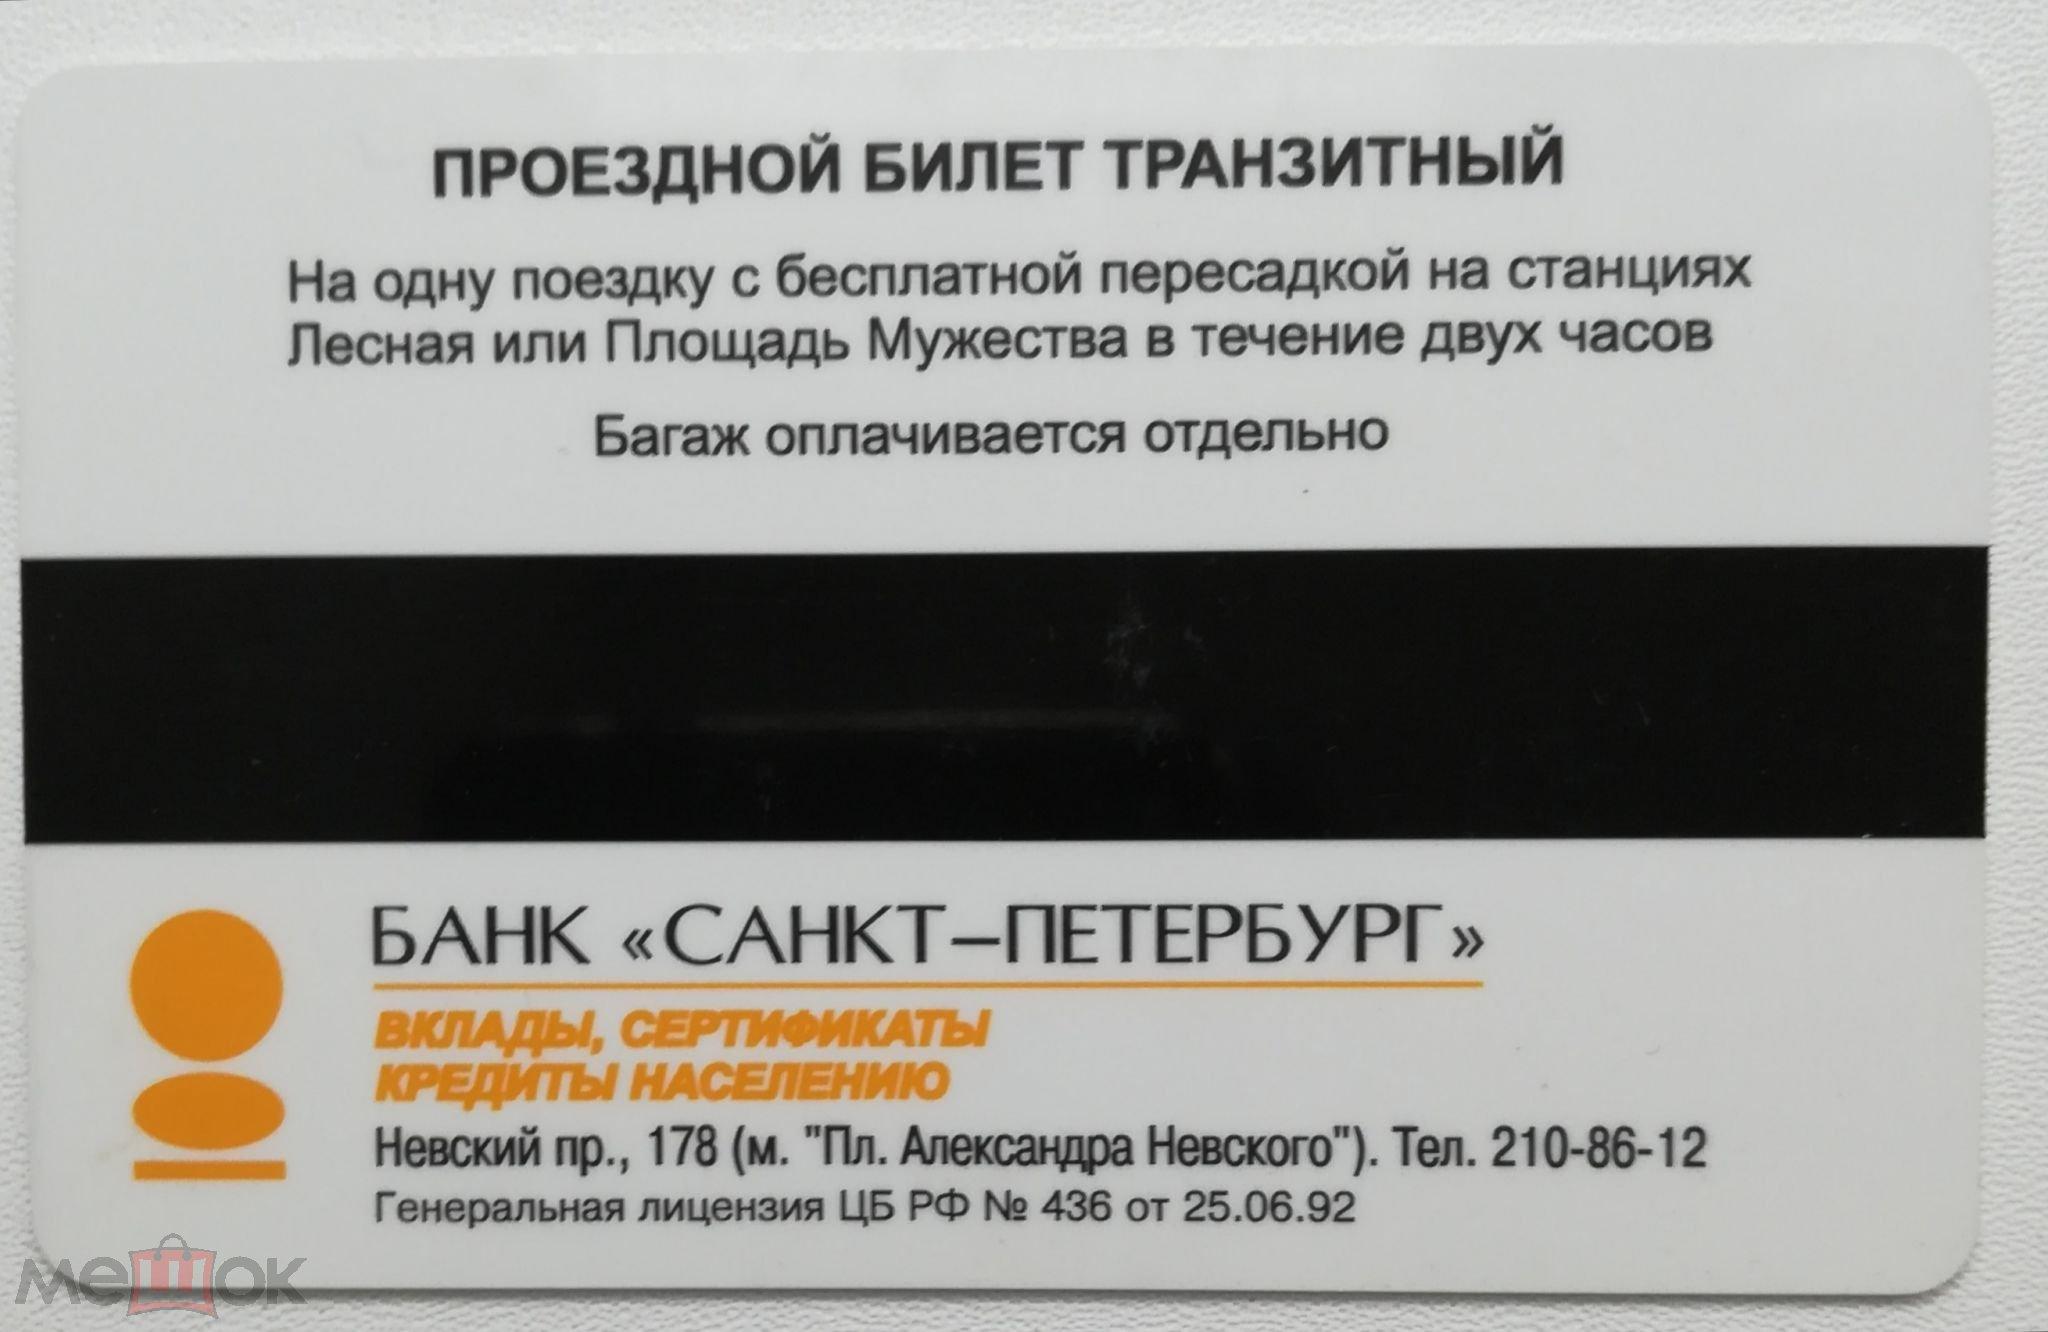 Транспортная карта СПб Проездной билет Транзитный, Петербургский метрополитен, магнитная карта.